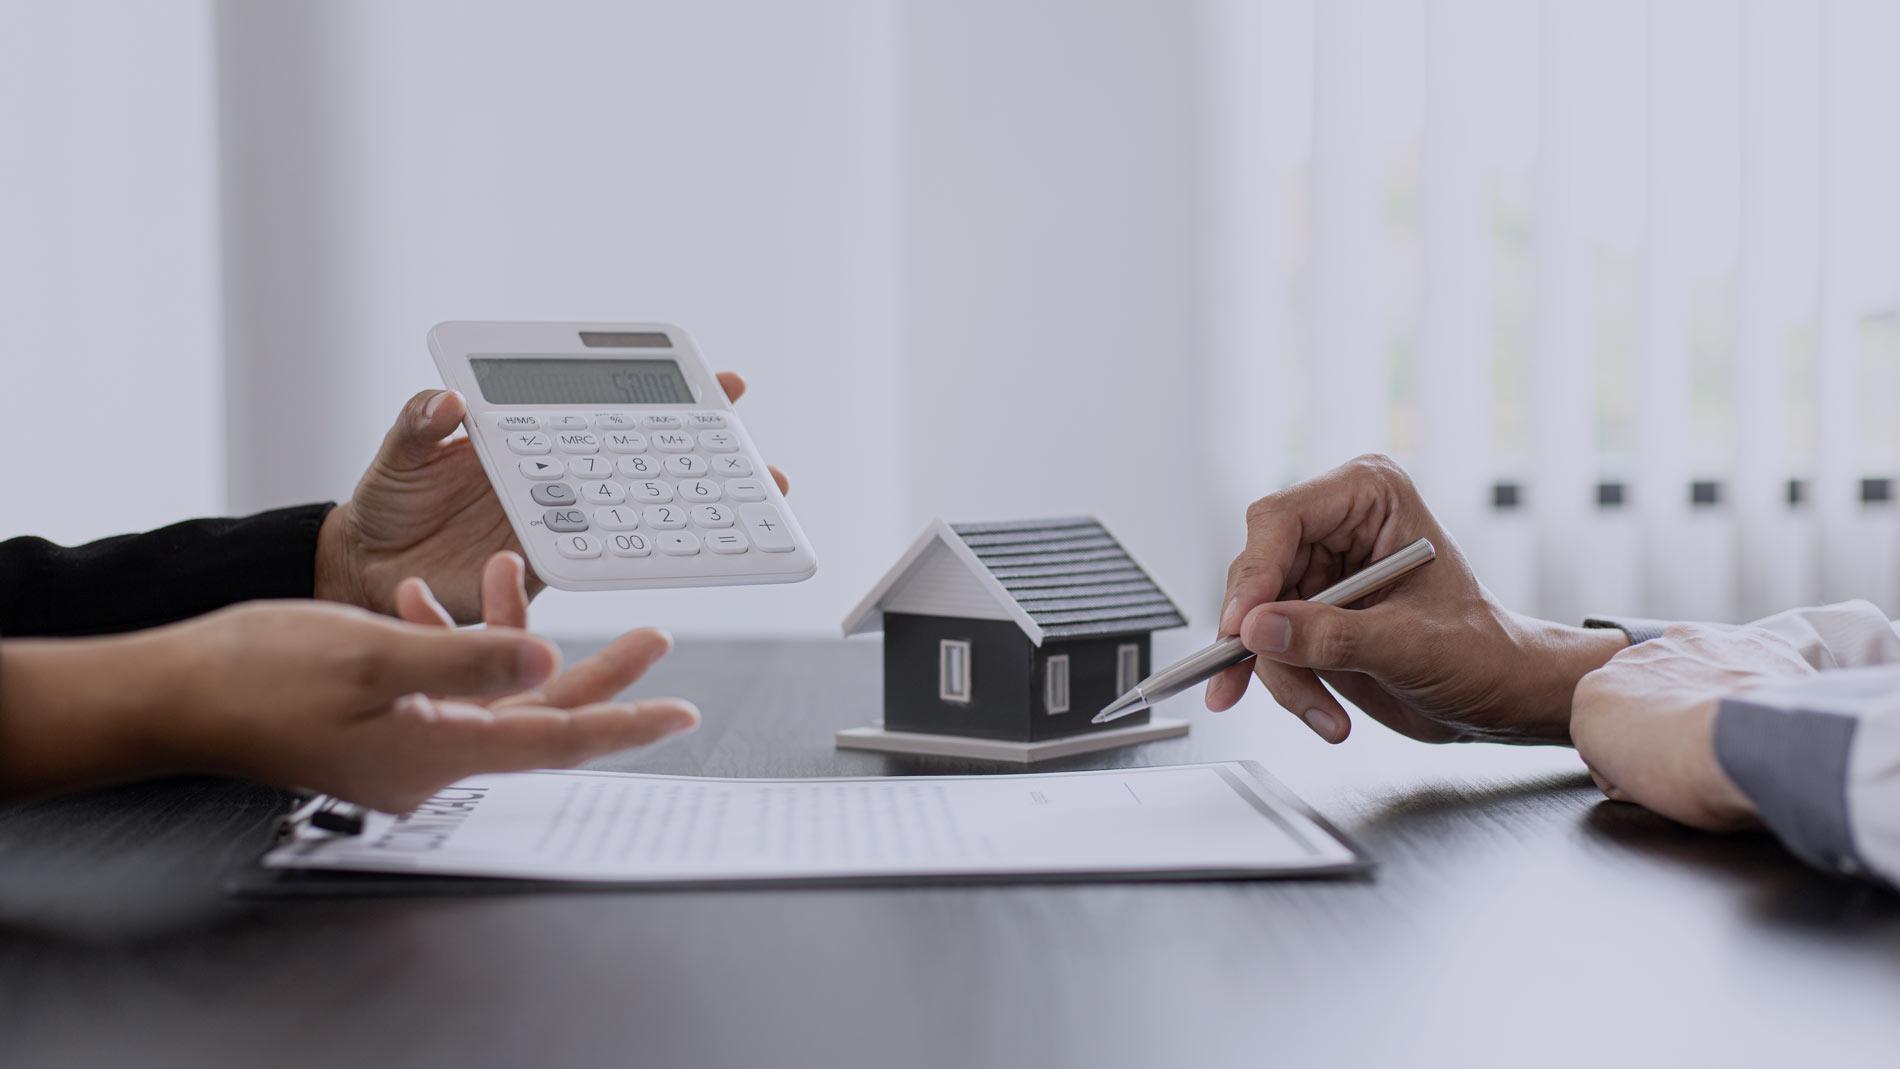 Квартирный вопрос: как не попасть на налоги при продаже жилья